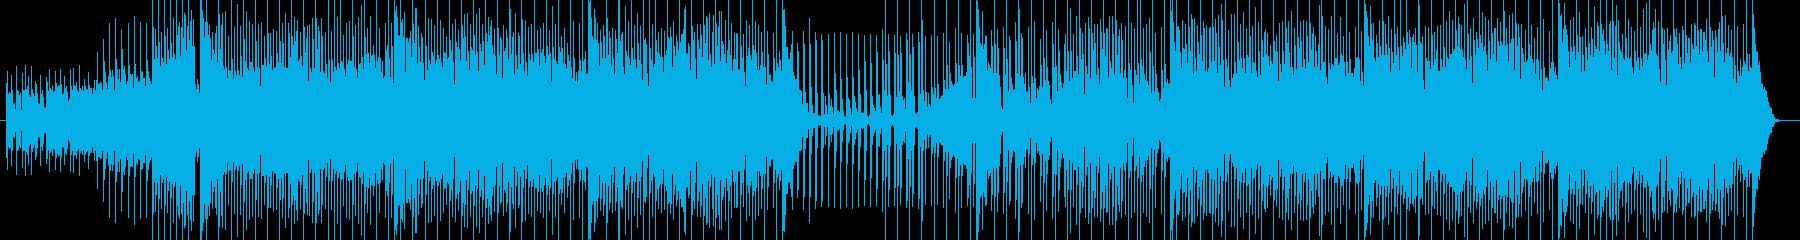 爽やか・疾走感のあるEDMの再生済みの波形